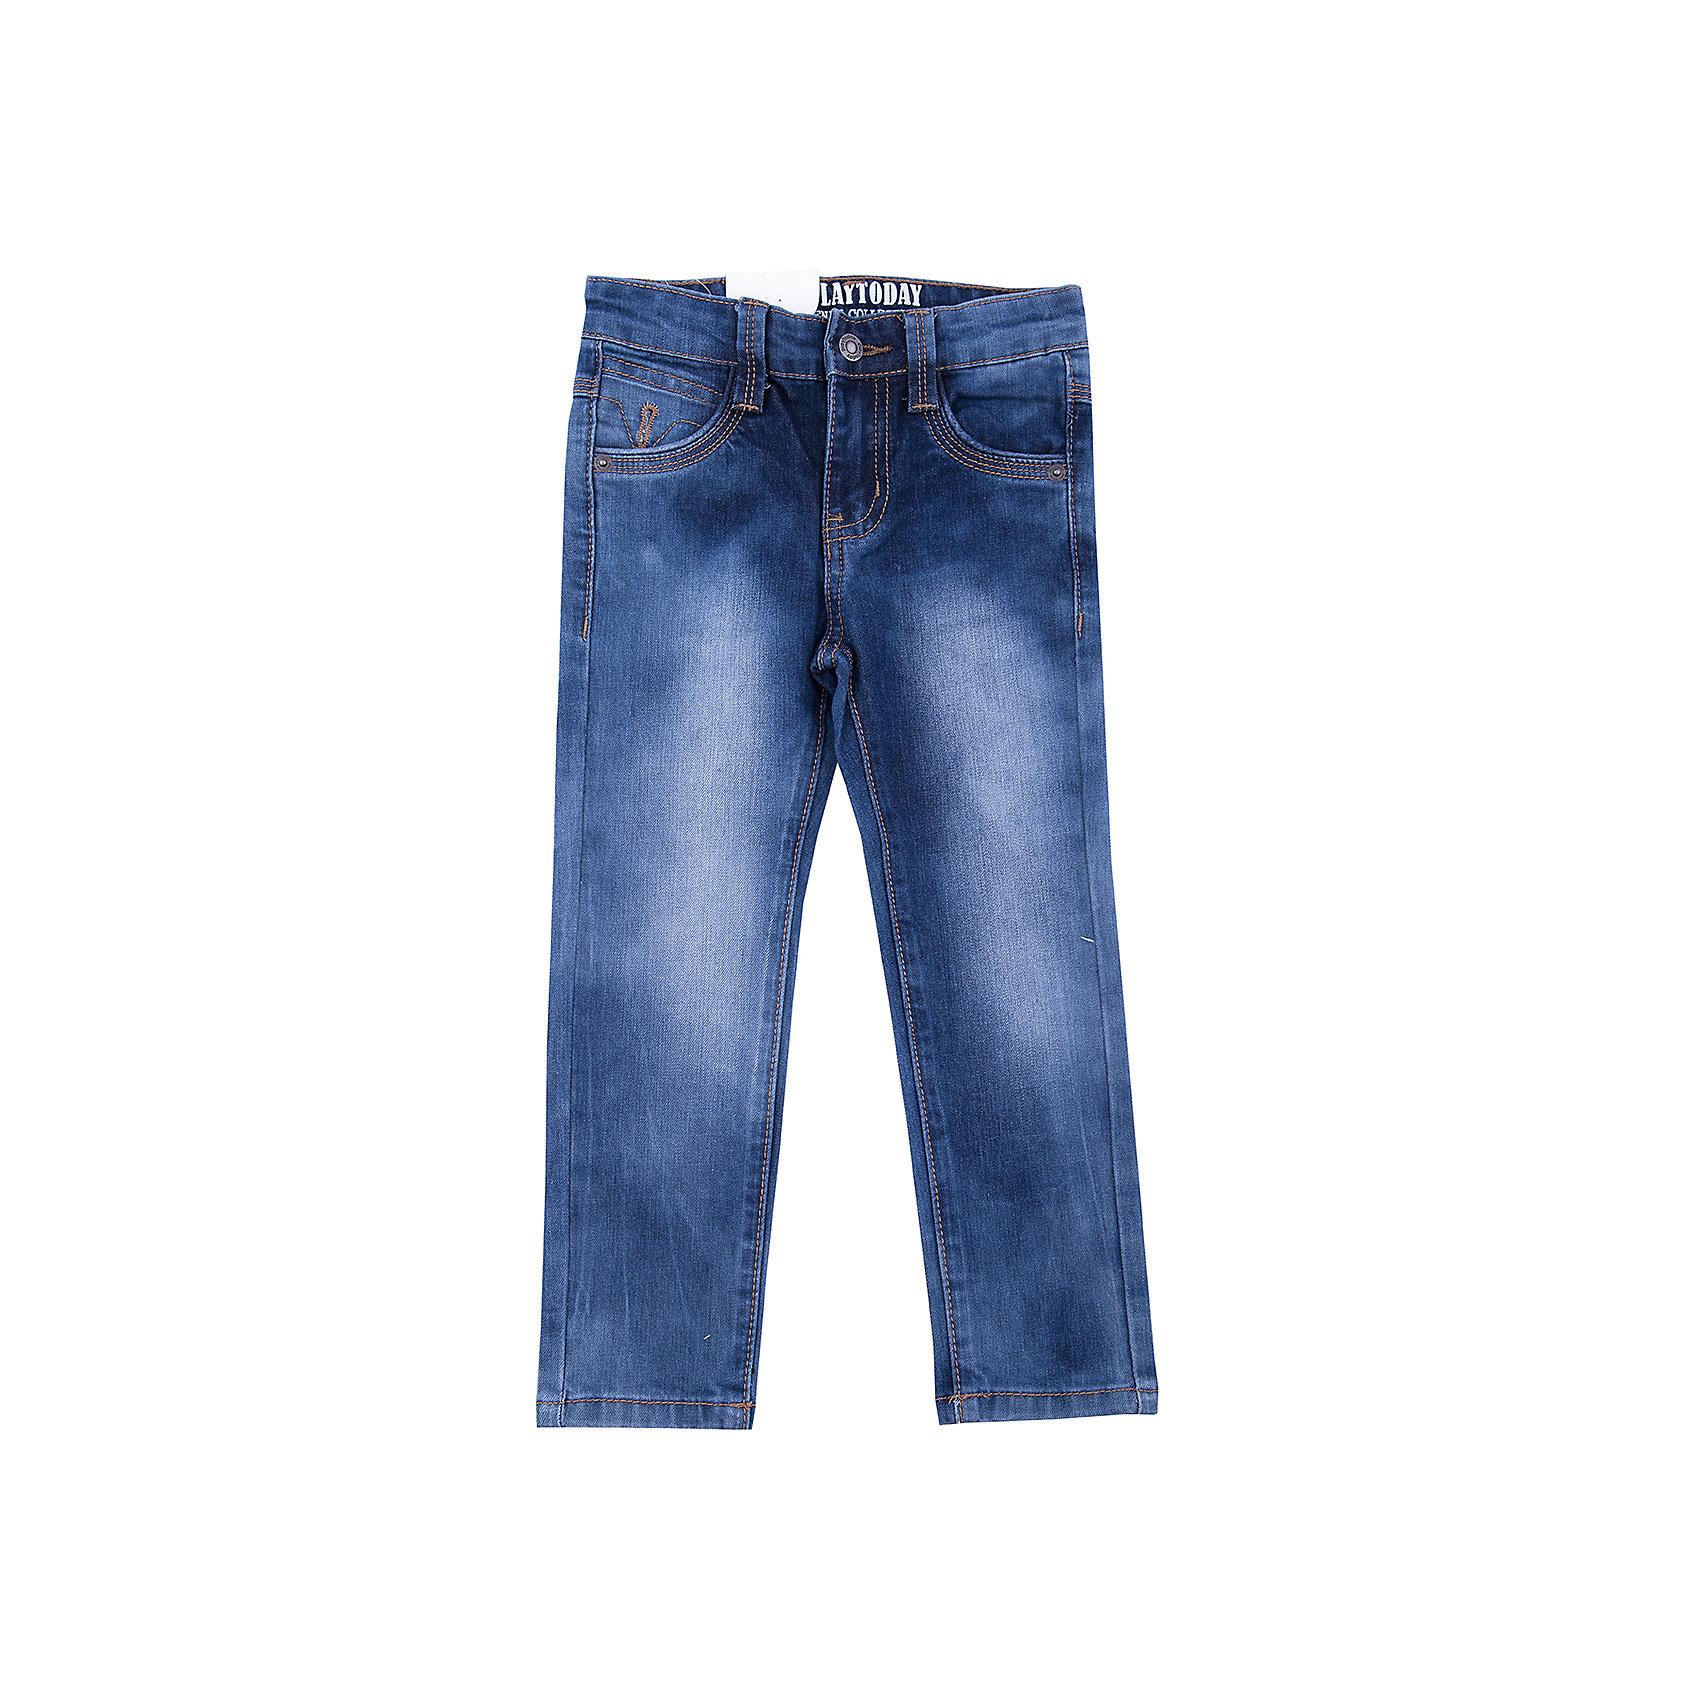 Джинсы PlayToday для мальчикаДжинсы<br>Джинсы PlayToday для мальчика<br>Брюки - джинсы из натурального хлопка. Классическая модель со шлевками, при необходимости можно использовать ремень. В качестве декора использованы потертости.<br>Состав:<br>98% хлопок, 2% эластан<br><br>Ширина мм: 215<br>Глубина мм: 88<br>Высота мм: 191<br>Вес г: 336<br>Цвет: синий<br>Возраст от месяцев: 24<br>Возраст до месяцев: 36<br>Пол: Мужской<br>Возраст: Детский<br>Размер: 98,128,122,116,110,104<br>SKU: 7110781